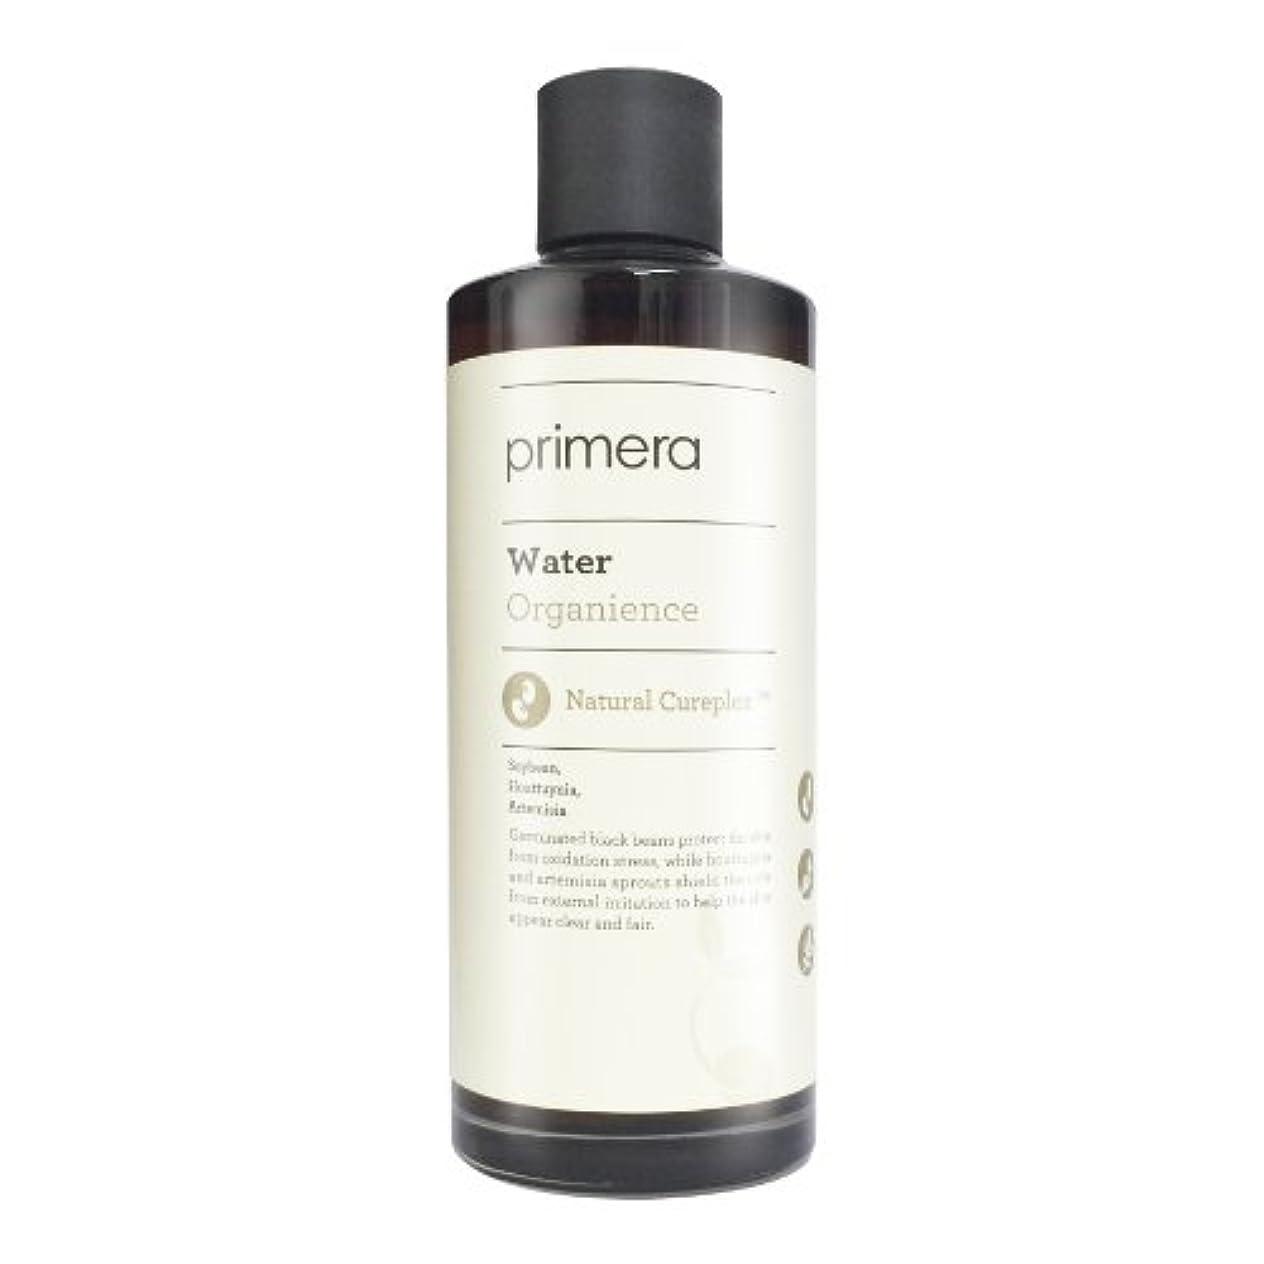 栄養不毛カブPrimera/プリメラ オーガニエンスウォーター180ml(Organience water)